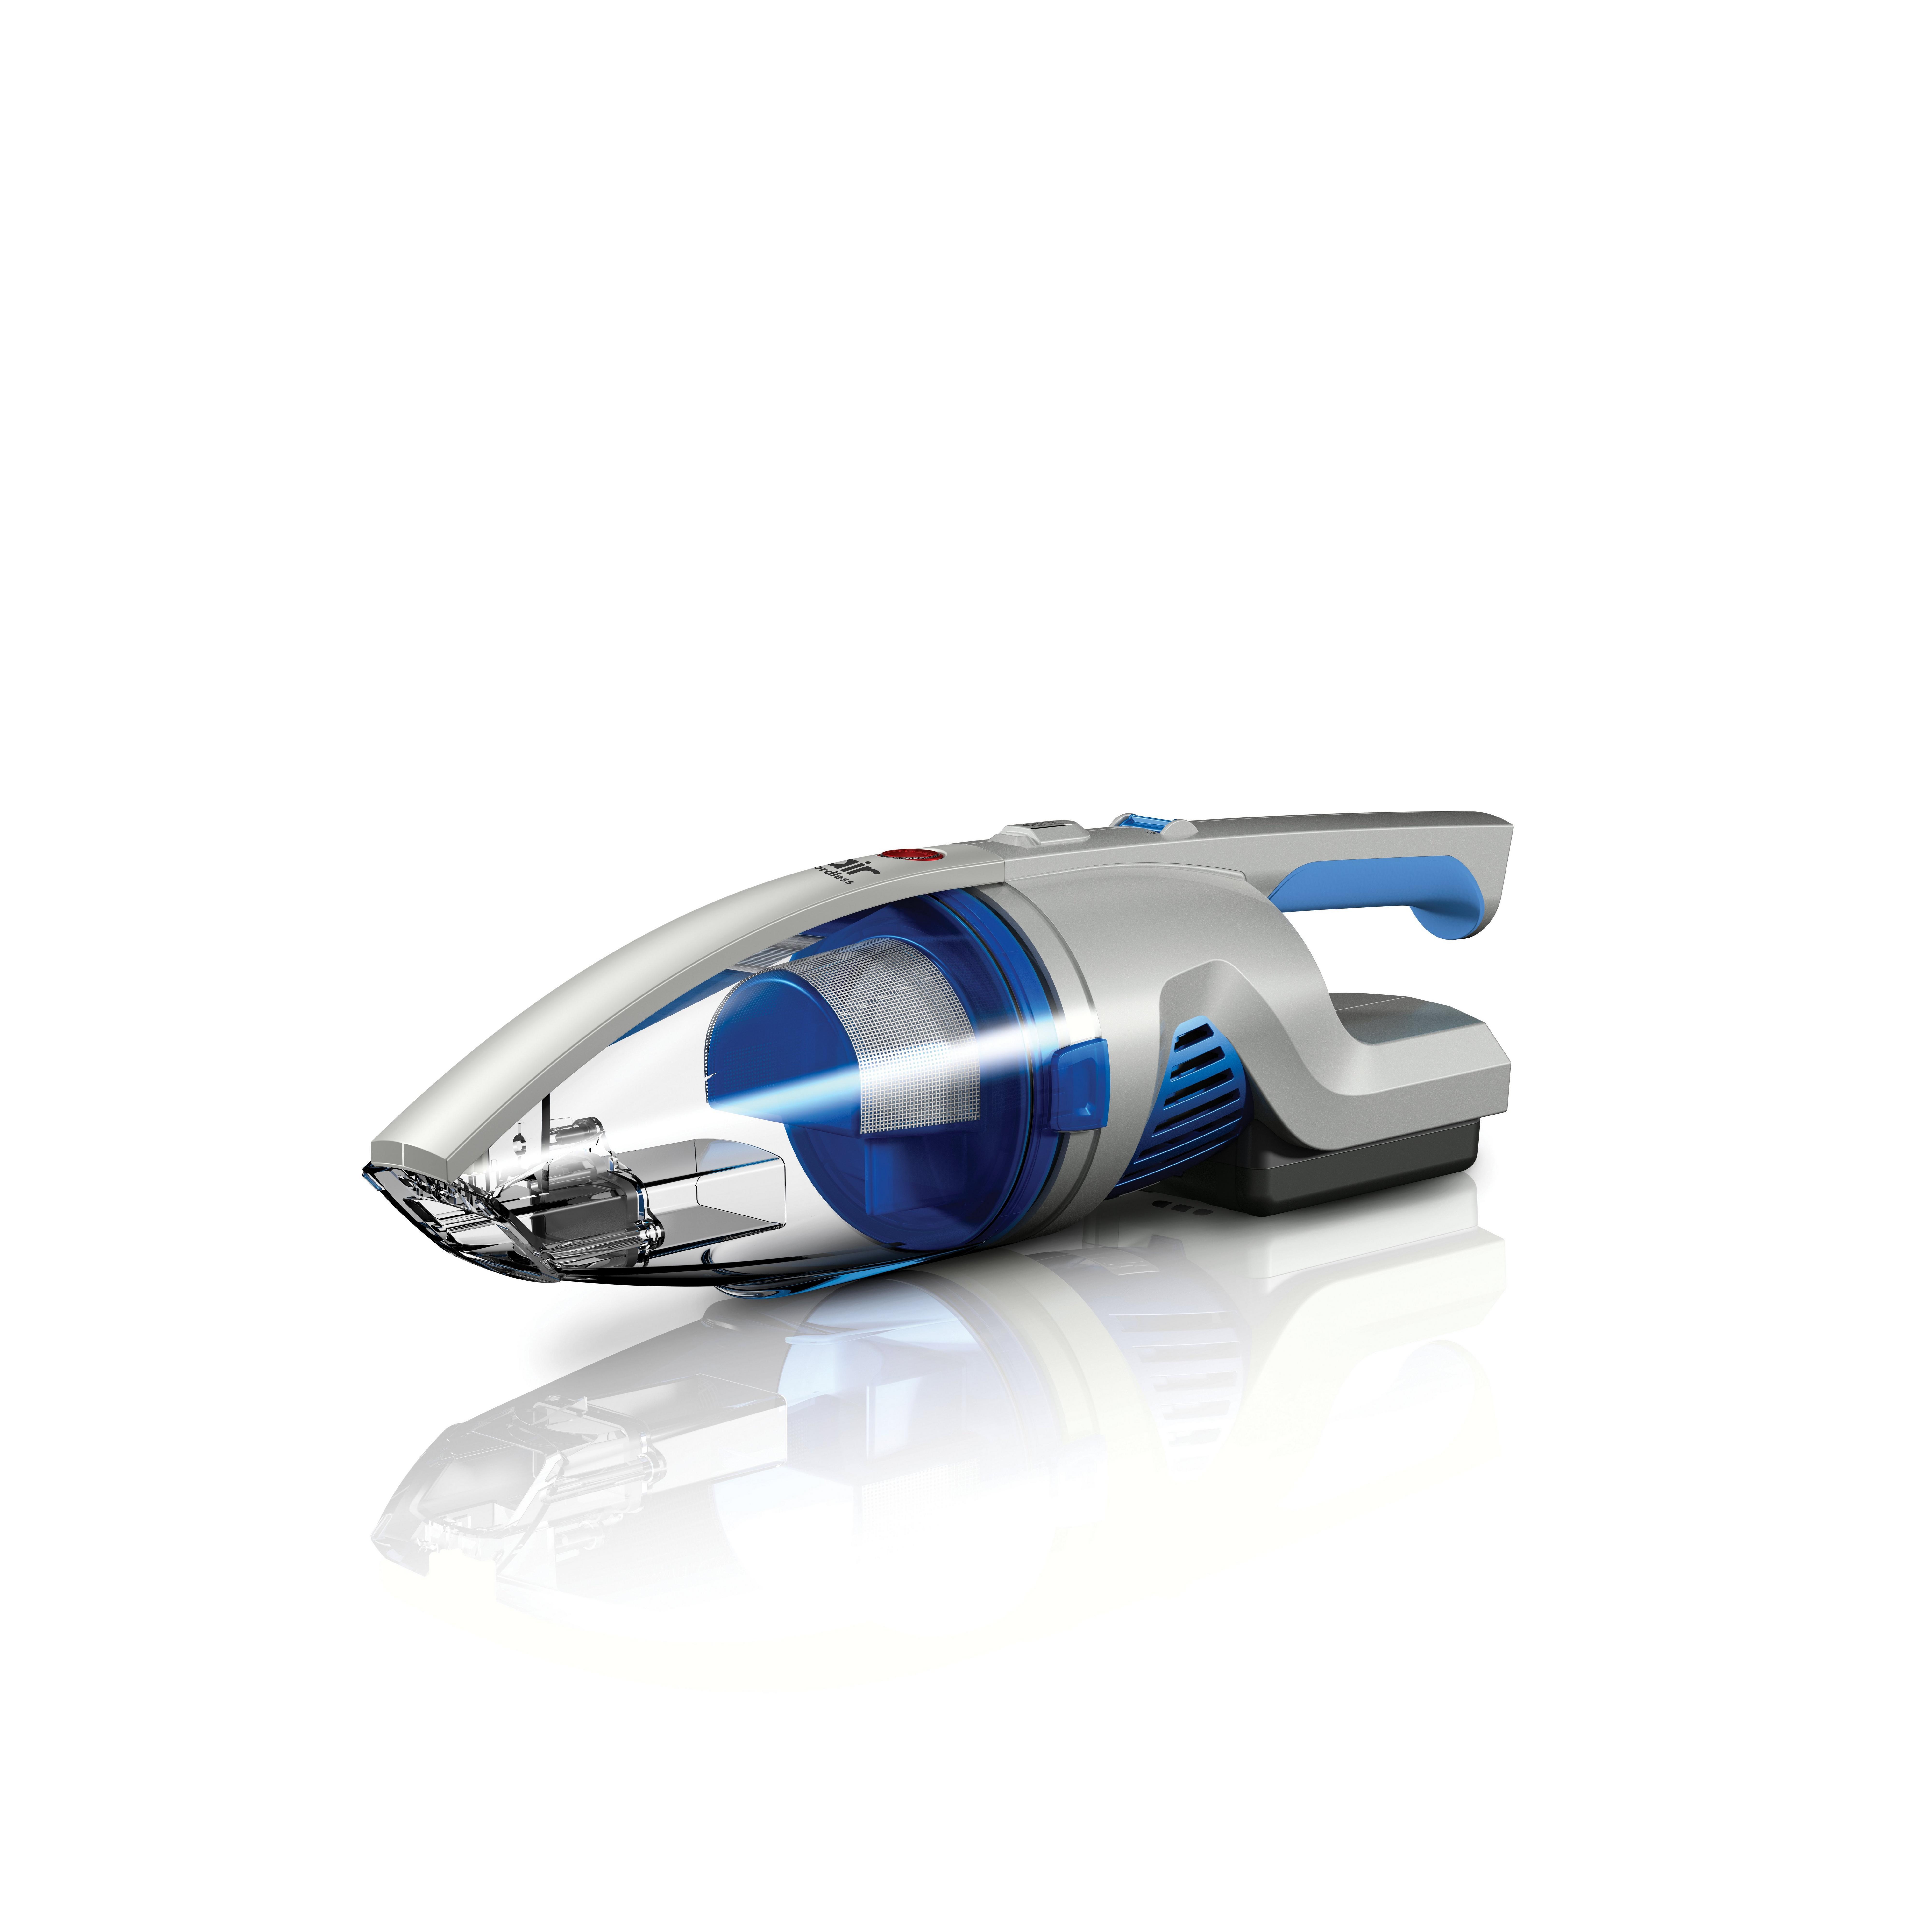 Air Cordless Handheld Vacuum